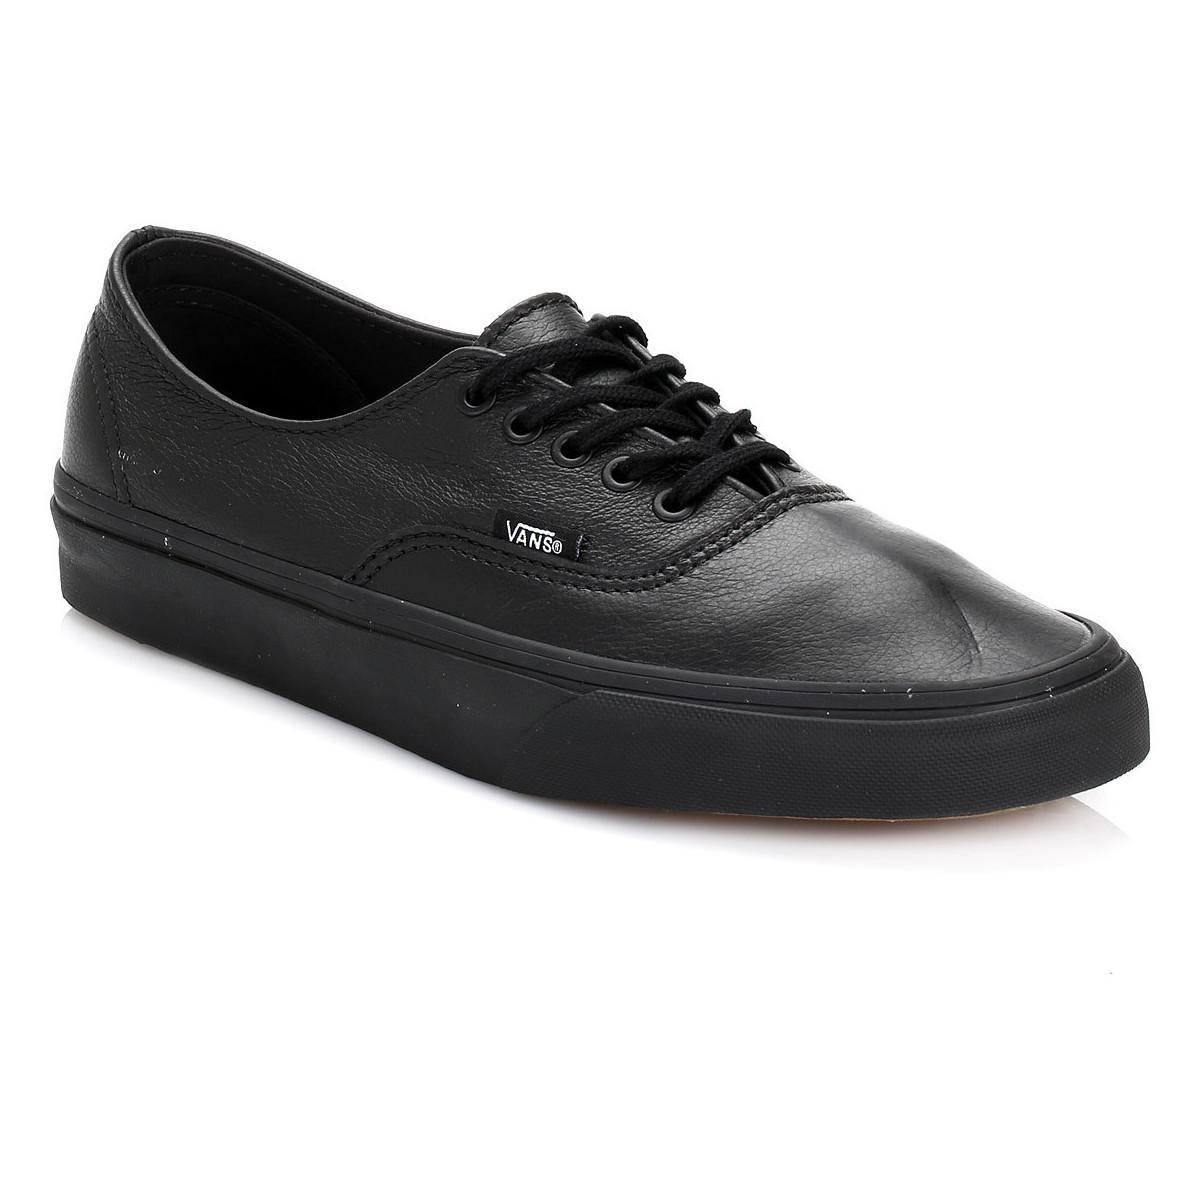 1e677d42af Vans Black Authentic Decon Premium Leather Trainers Men's Shoes ...